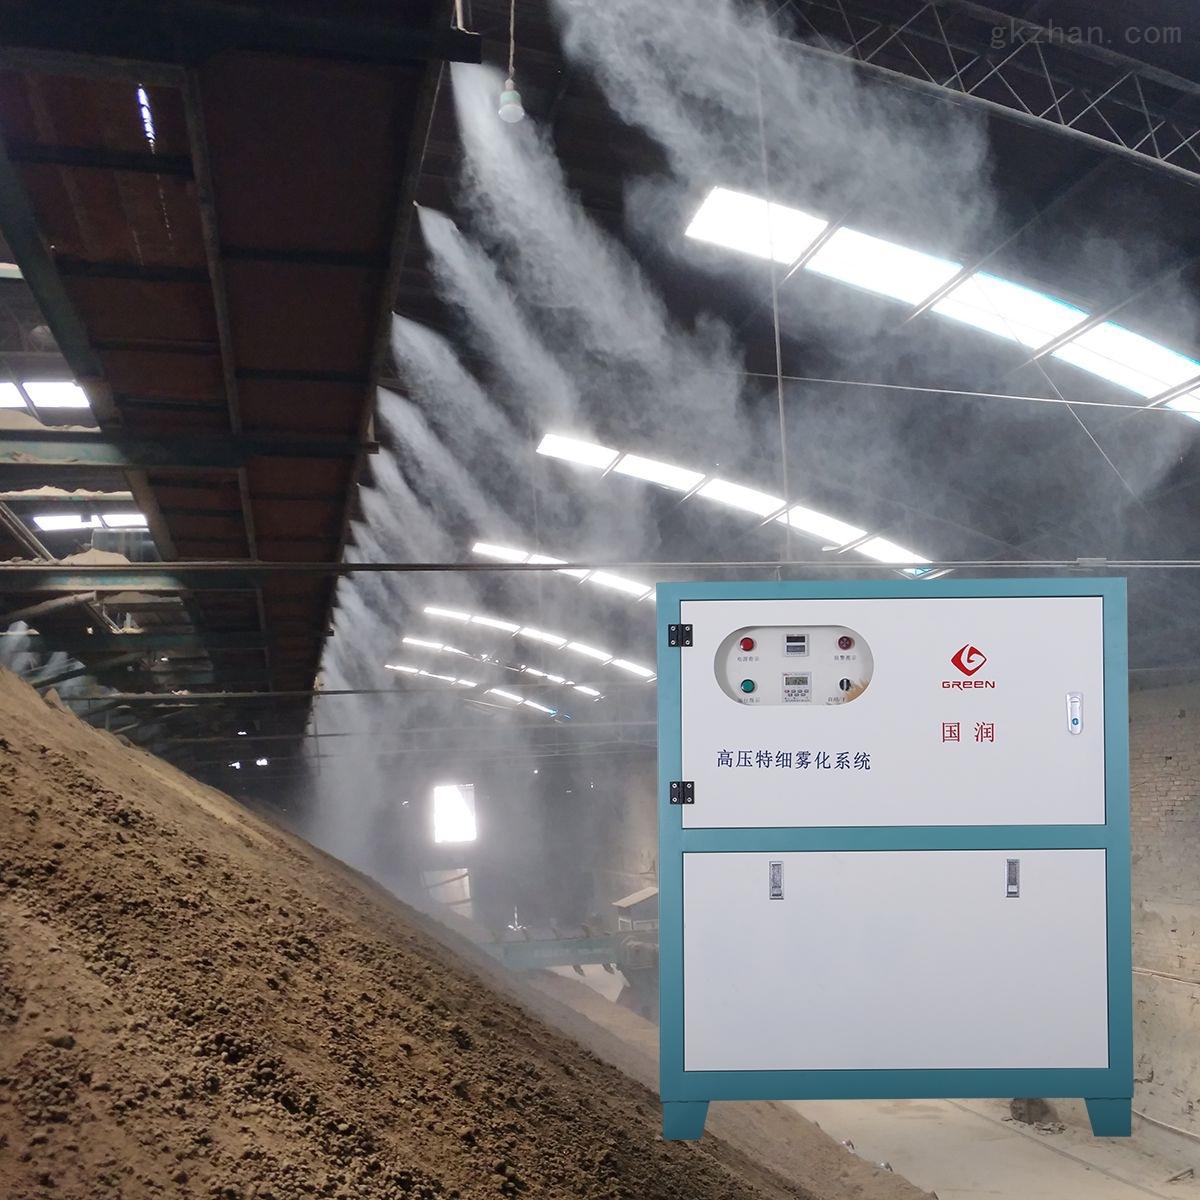 车间喷雾降尘设备 环保降尘喷雾机维护保养